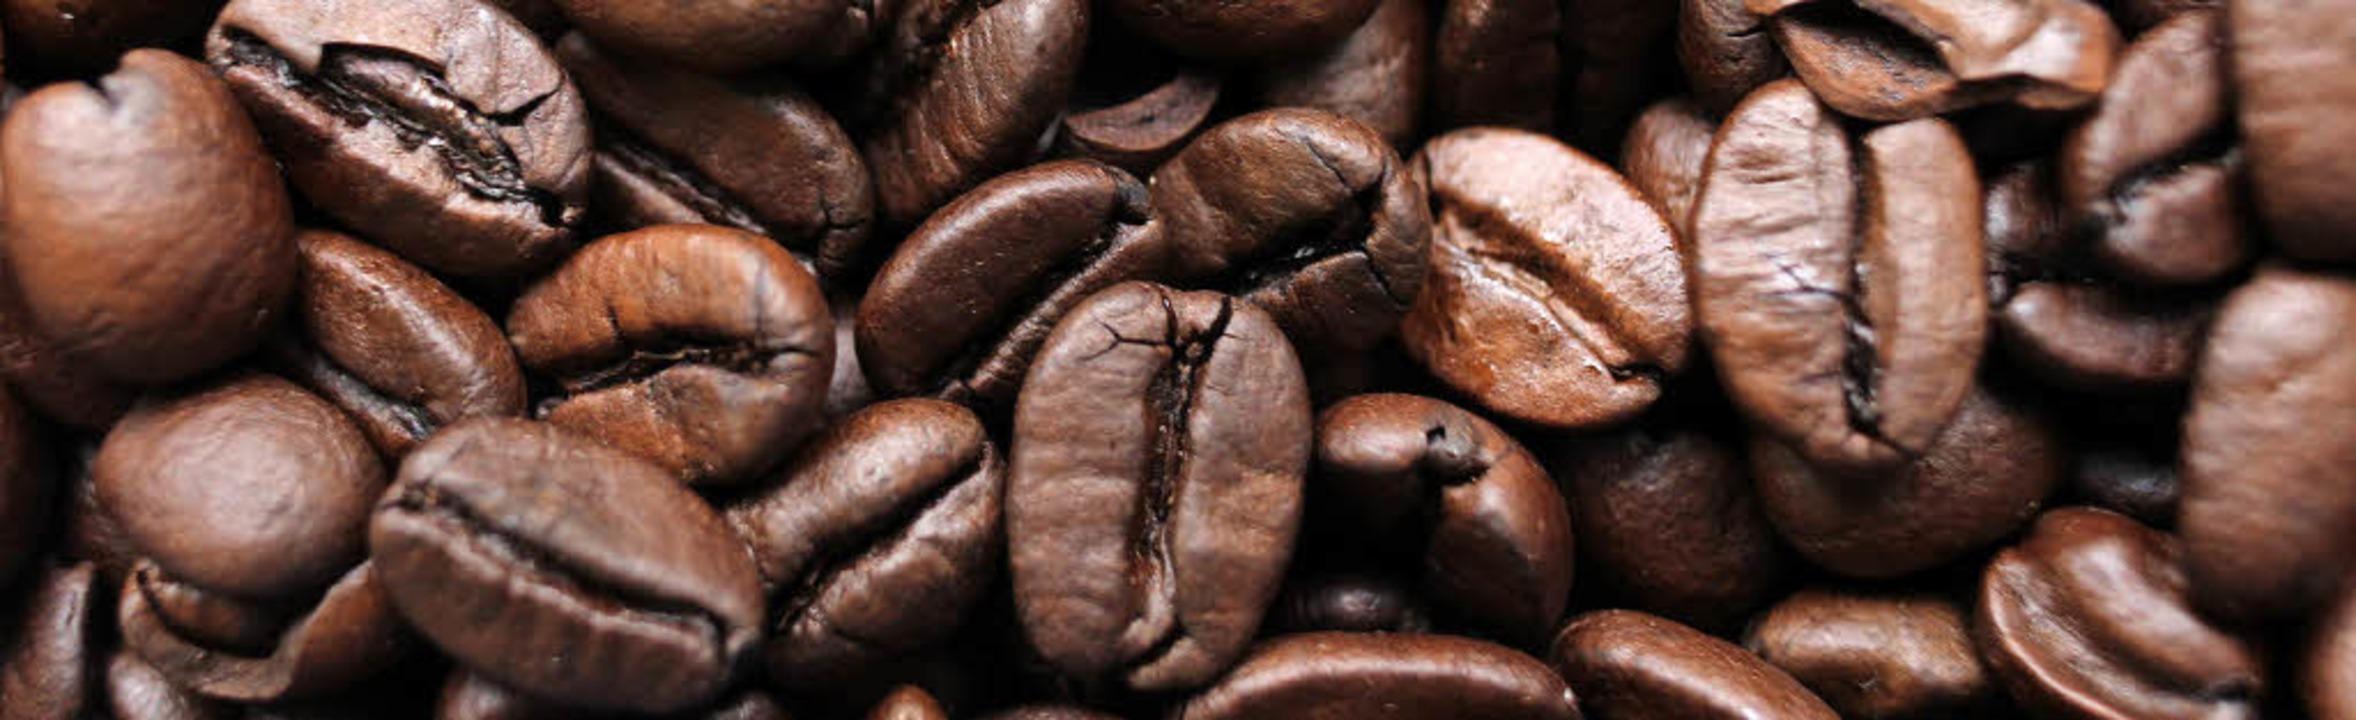 Die Kaffeebohnen aus Tansania werden i... in den bis zu 230 Grad heißen Röster.  | Foto: DPA